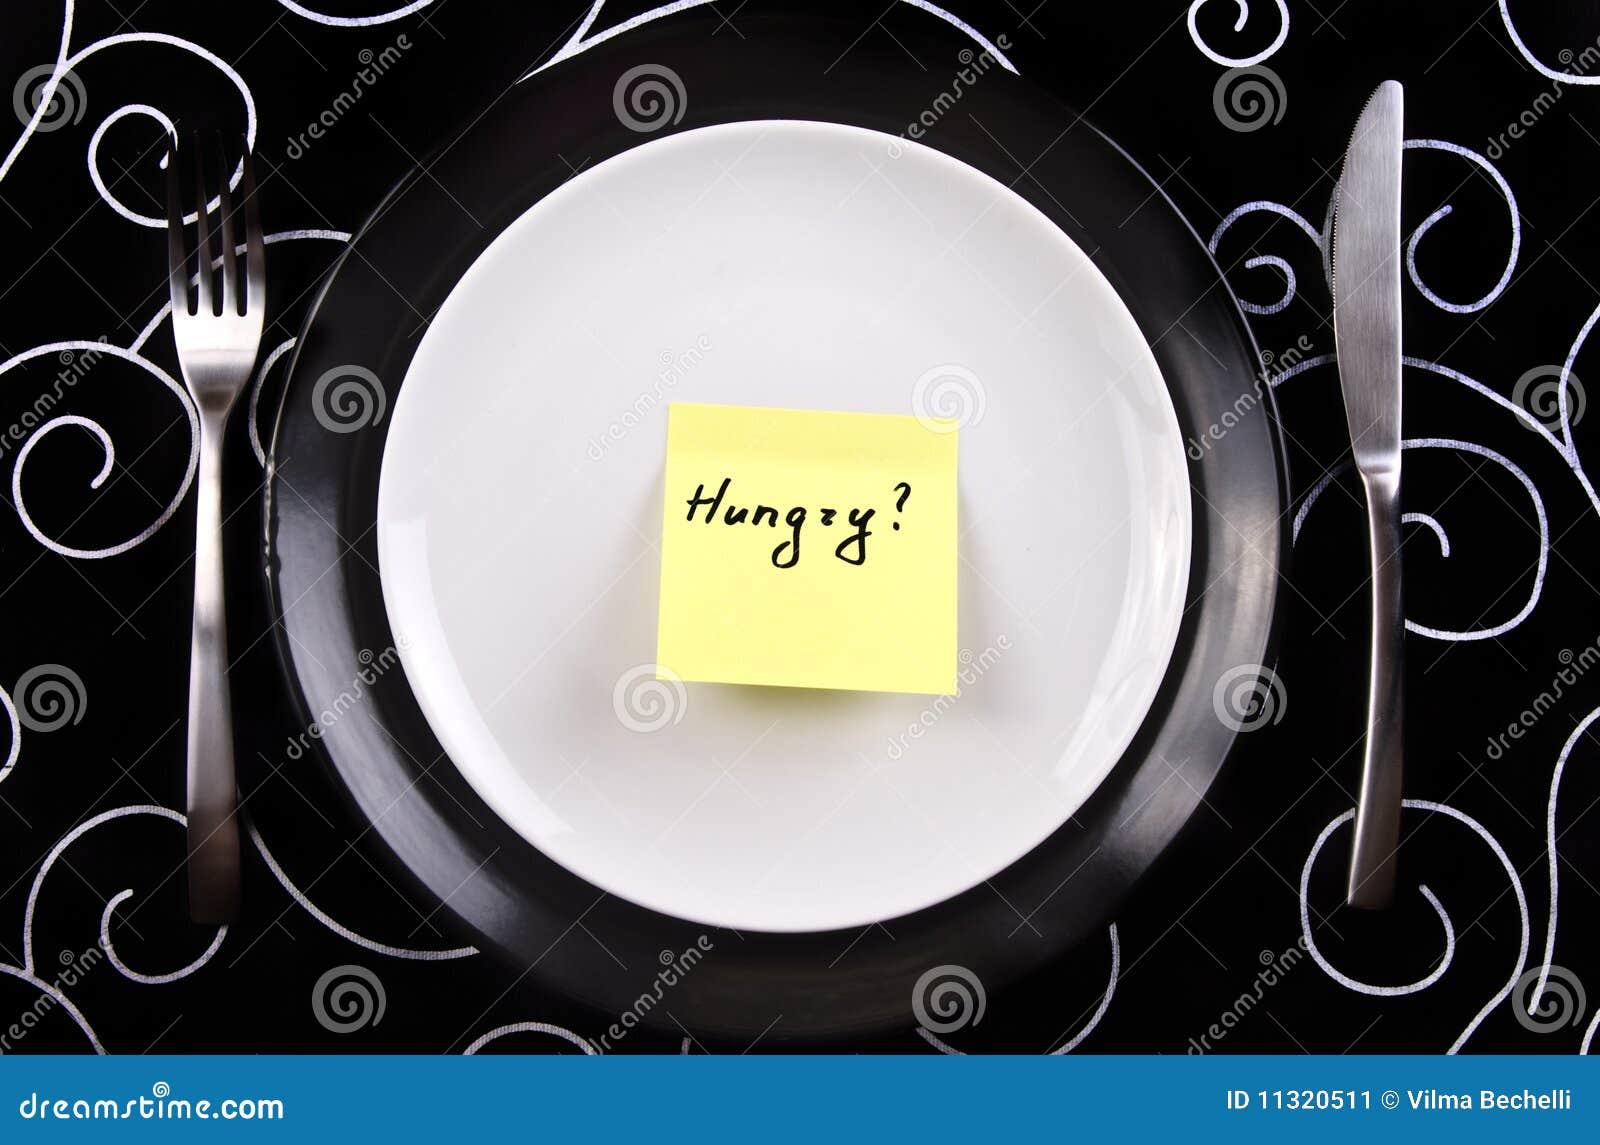 Platte mit der Anmerkung hungrig